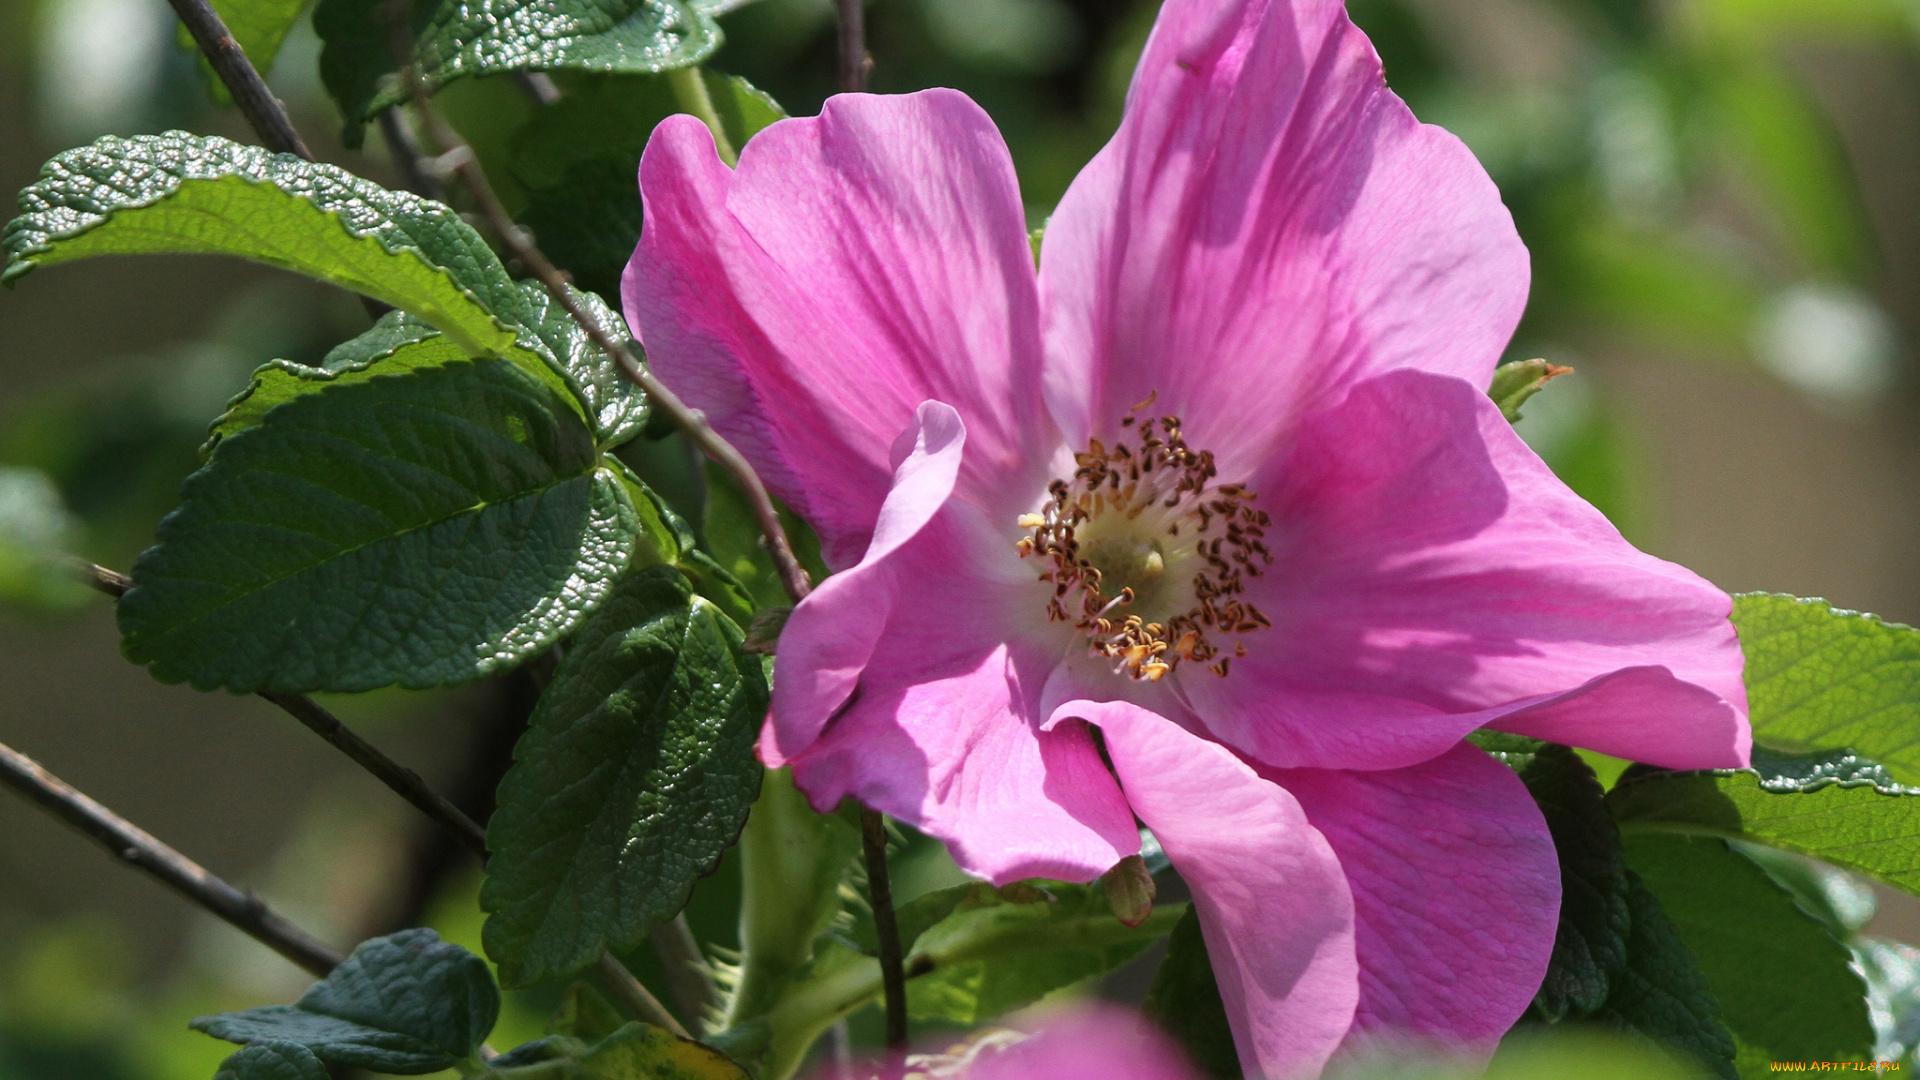 пошаговых фото картинки на аву цветы шиповника хорошего дня любимому